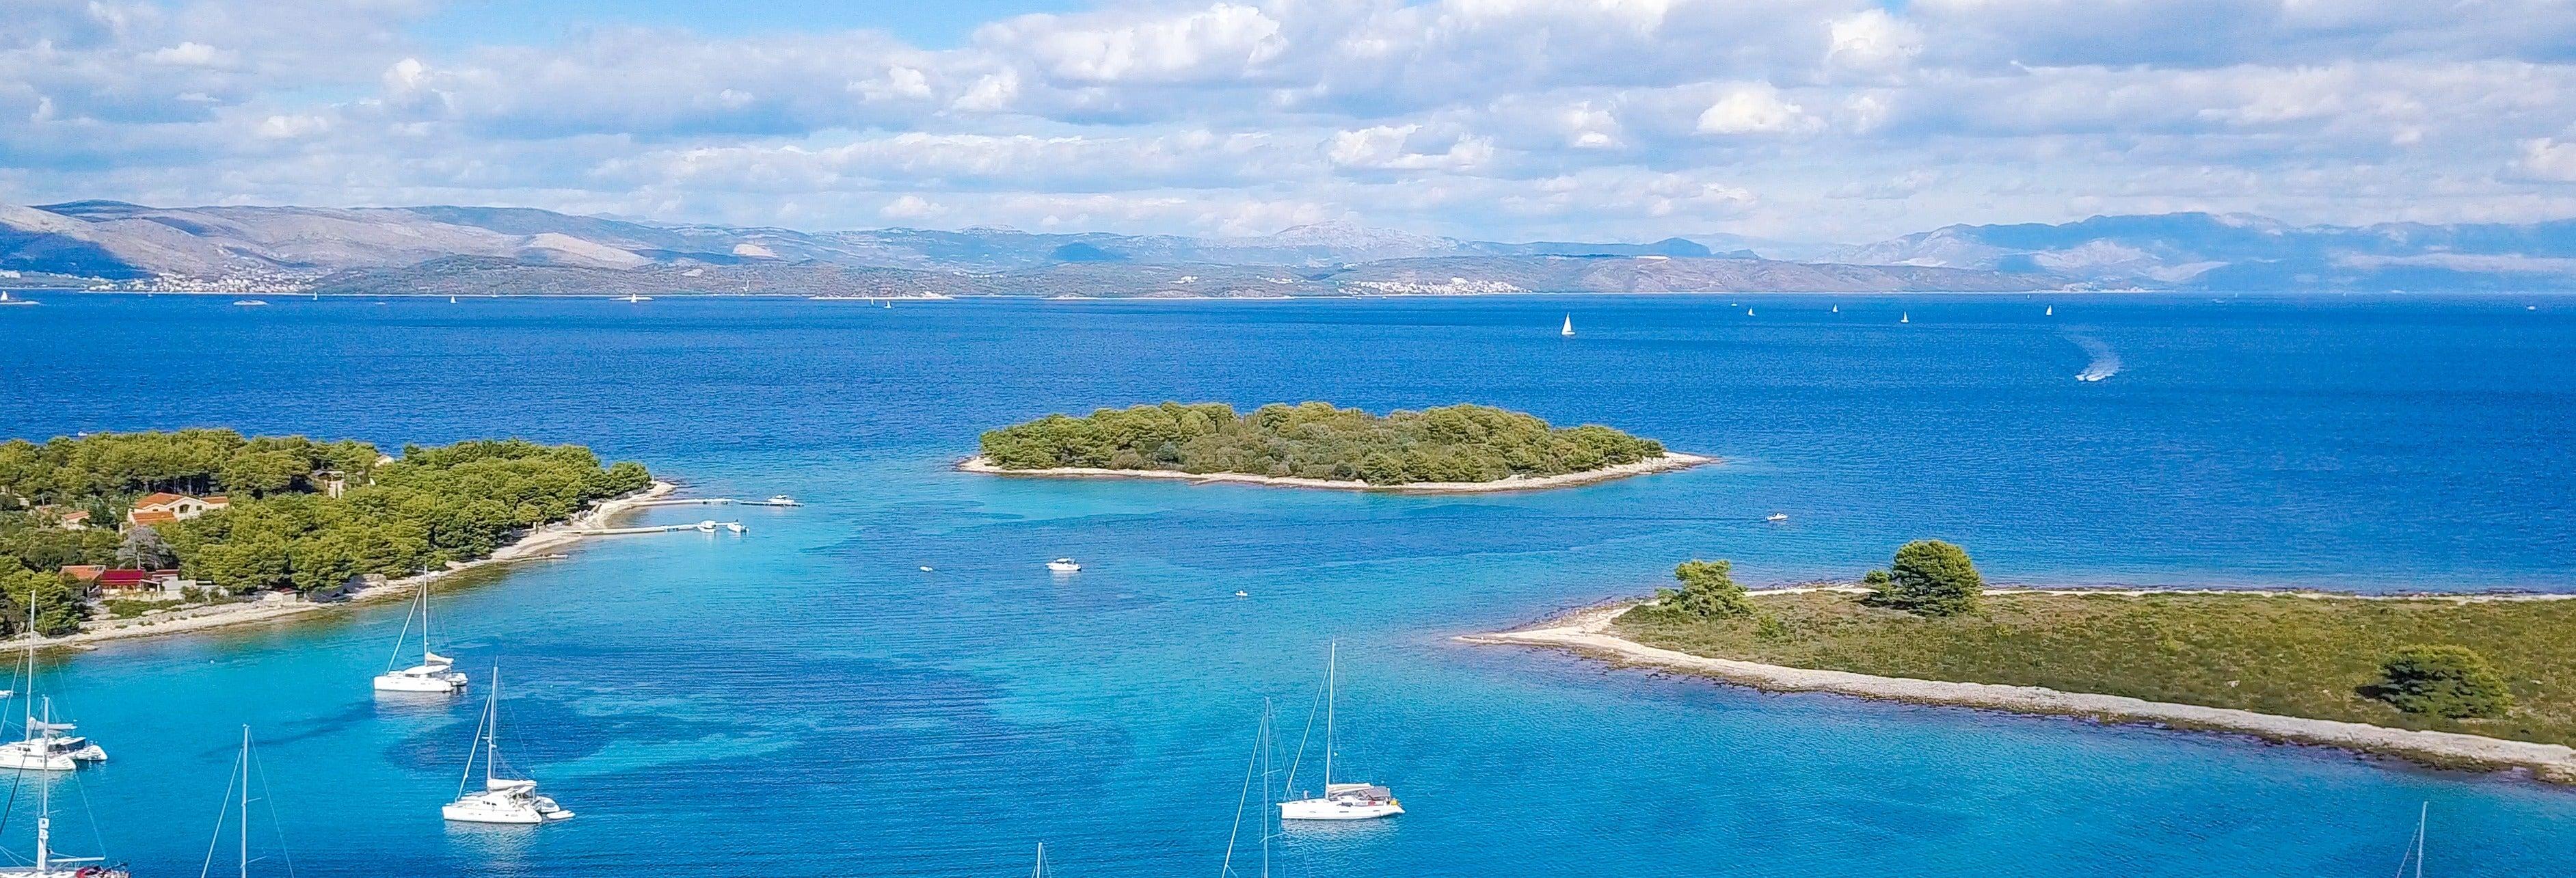 Excursão de barco ao Lago Azul